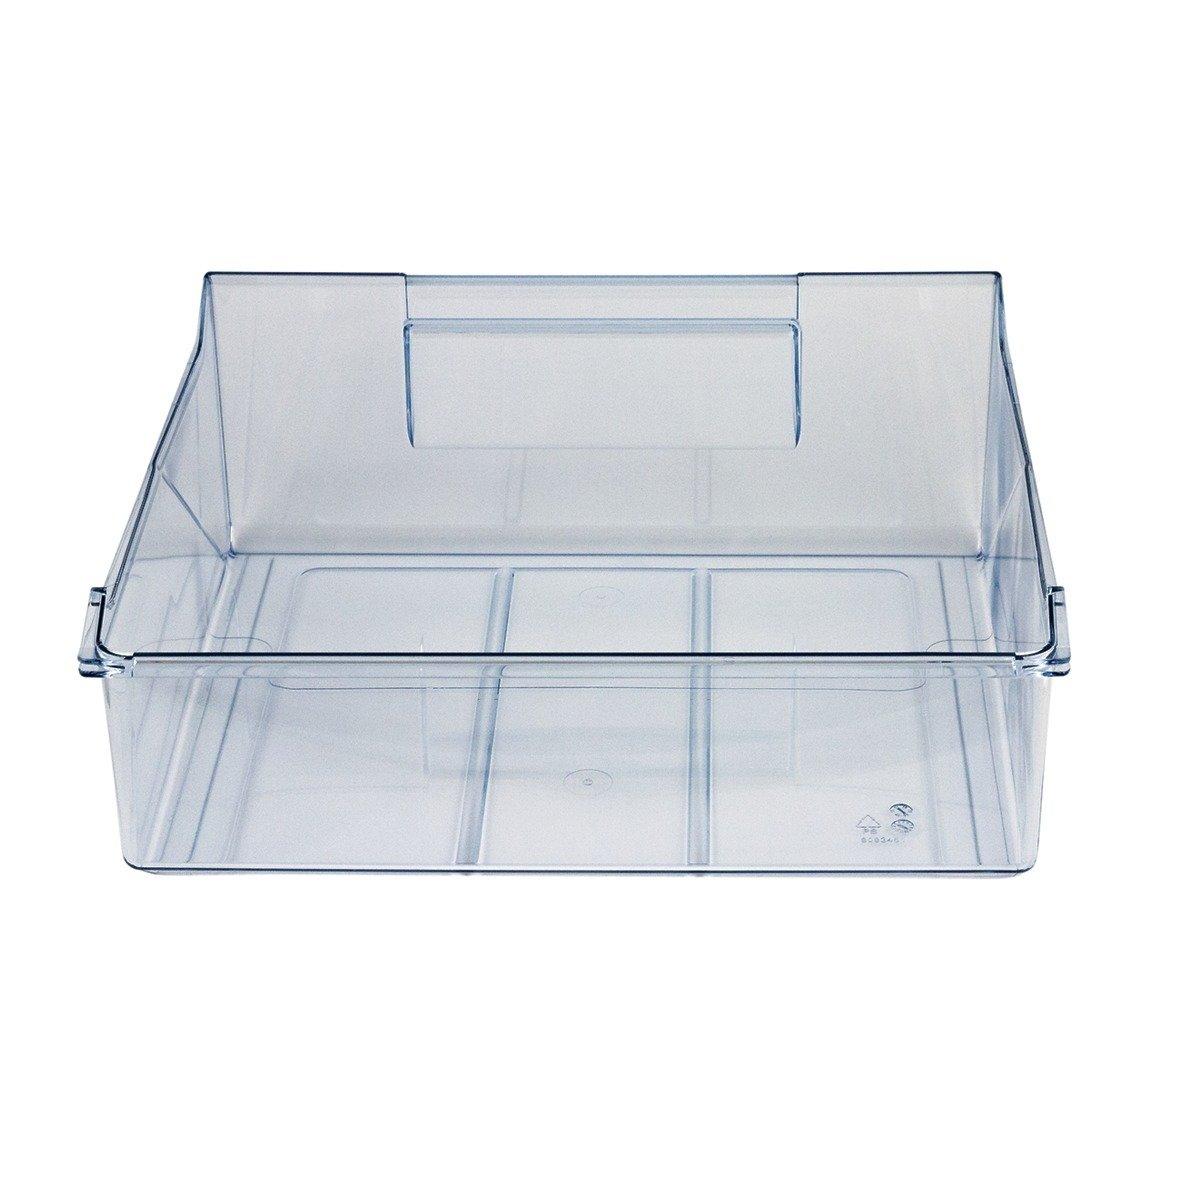 AEG Electrolux cajón congelador cajón congelador cajón 264701703 ...